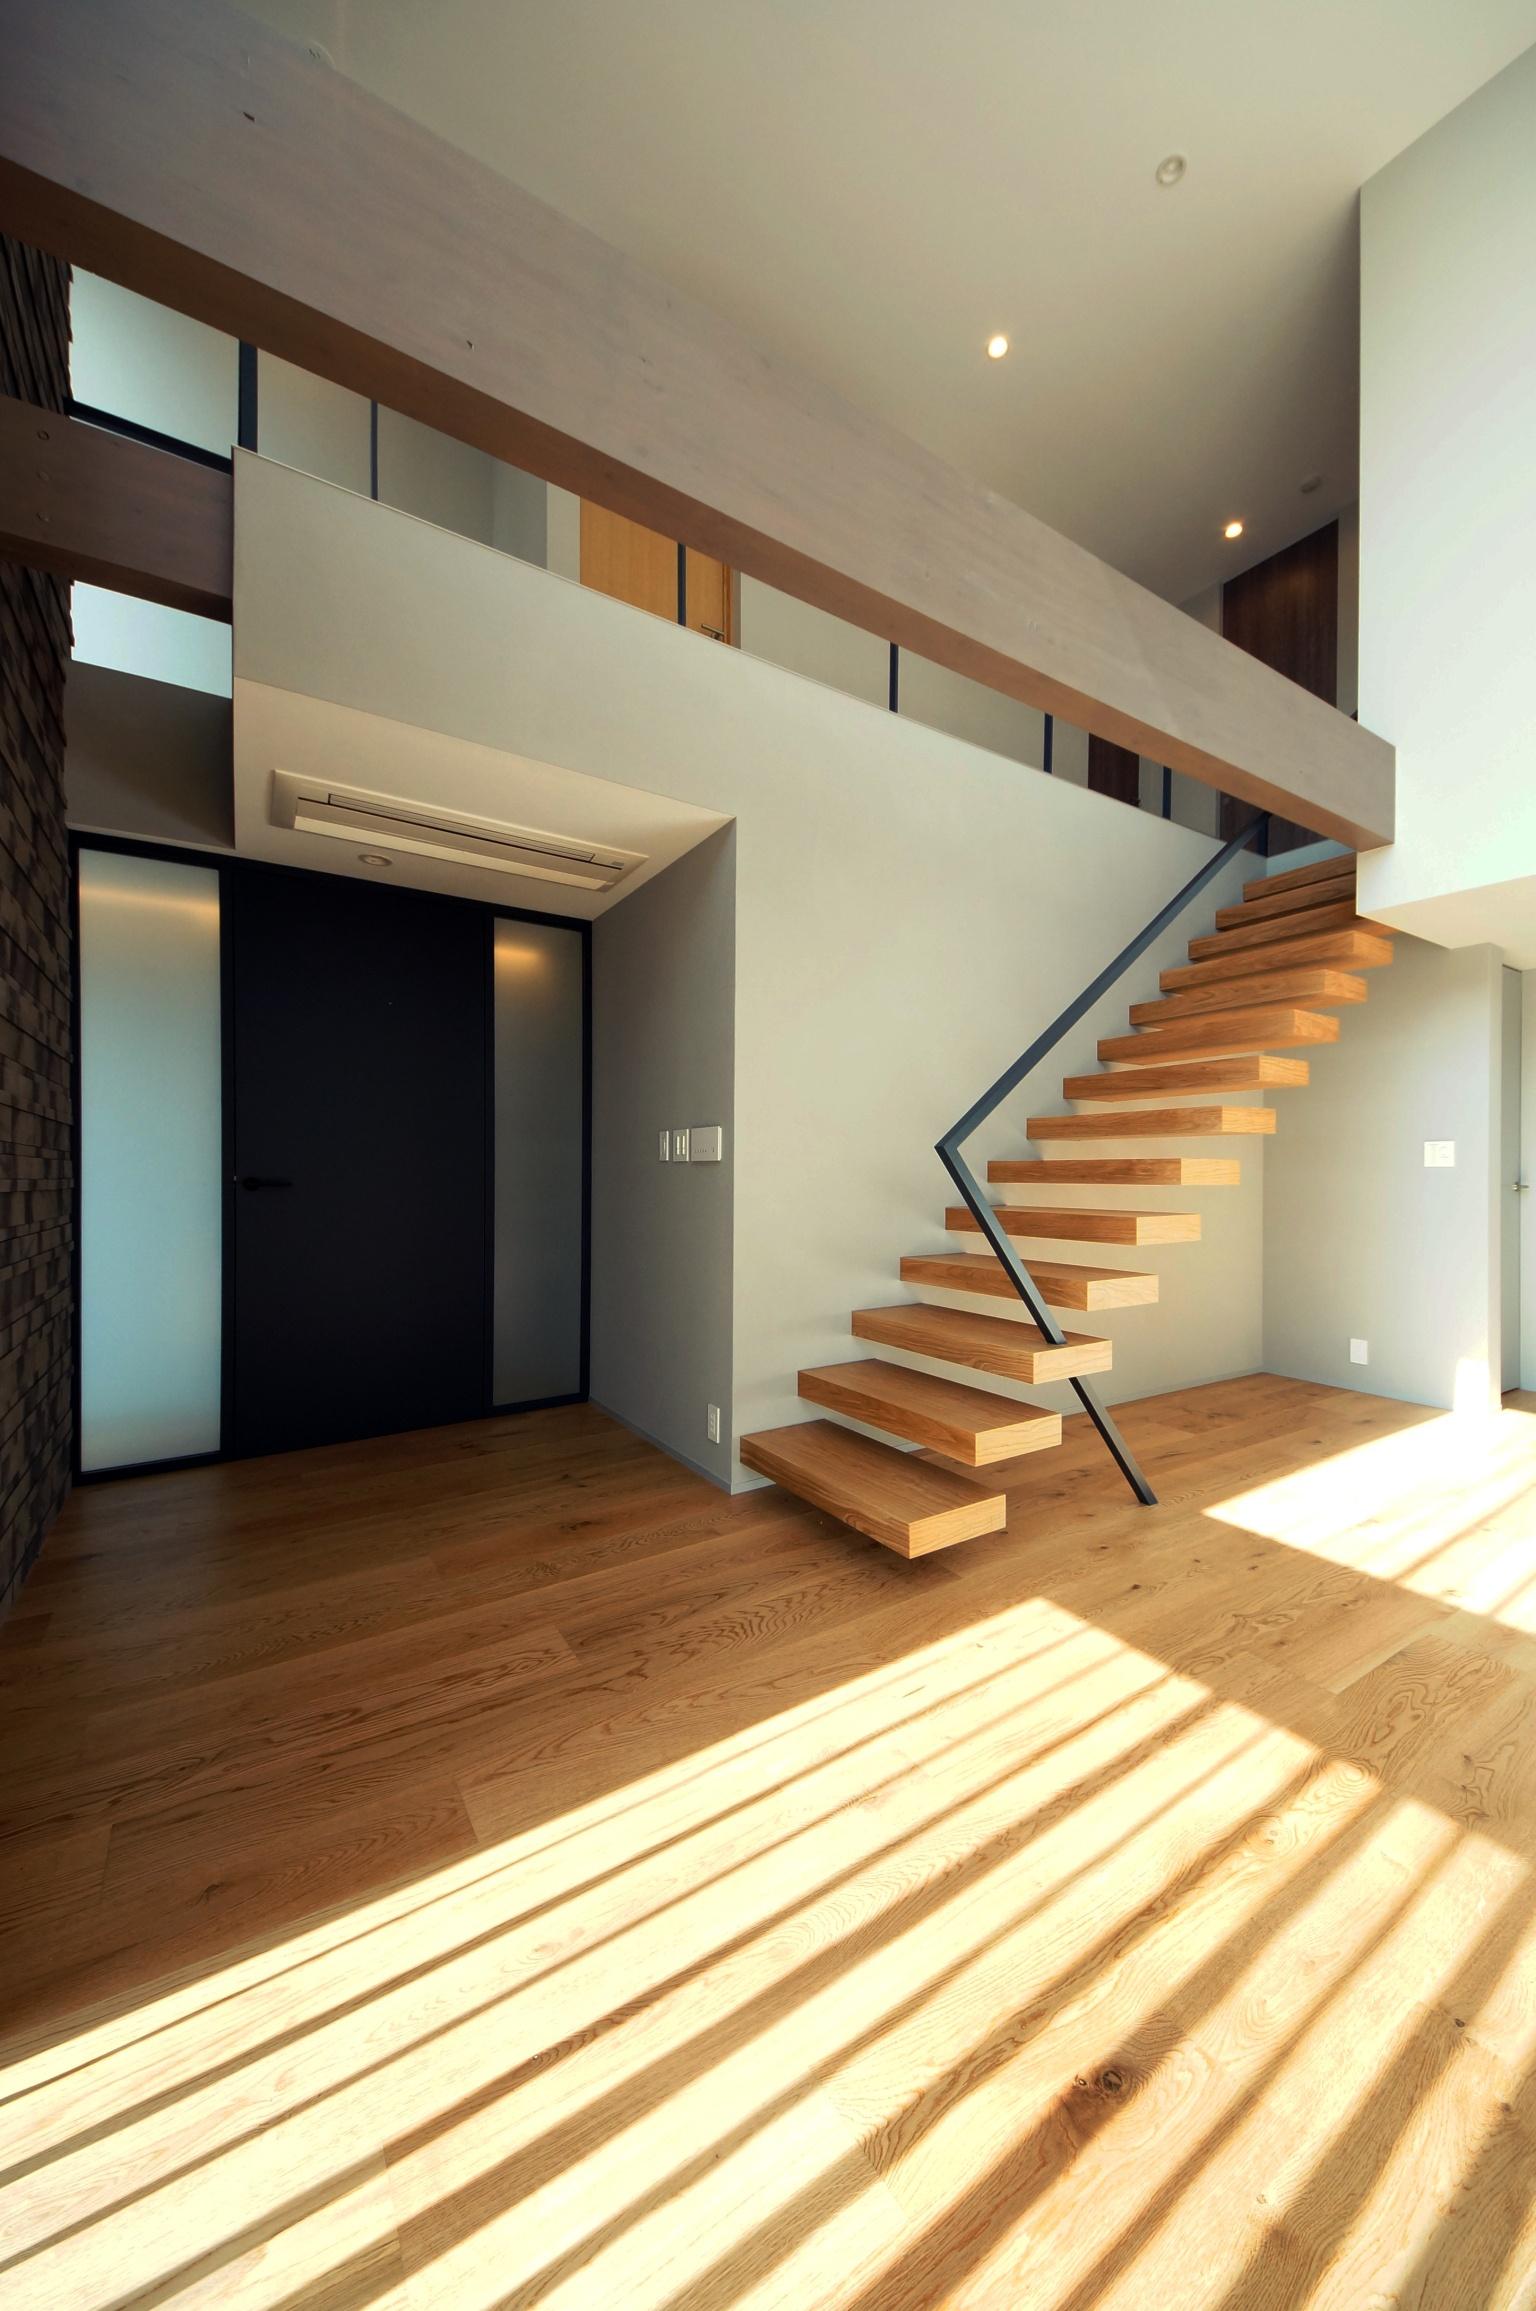 シンプルな階段とフローリングの床のモダンな家